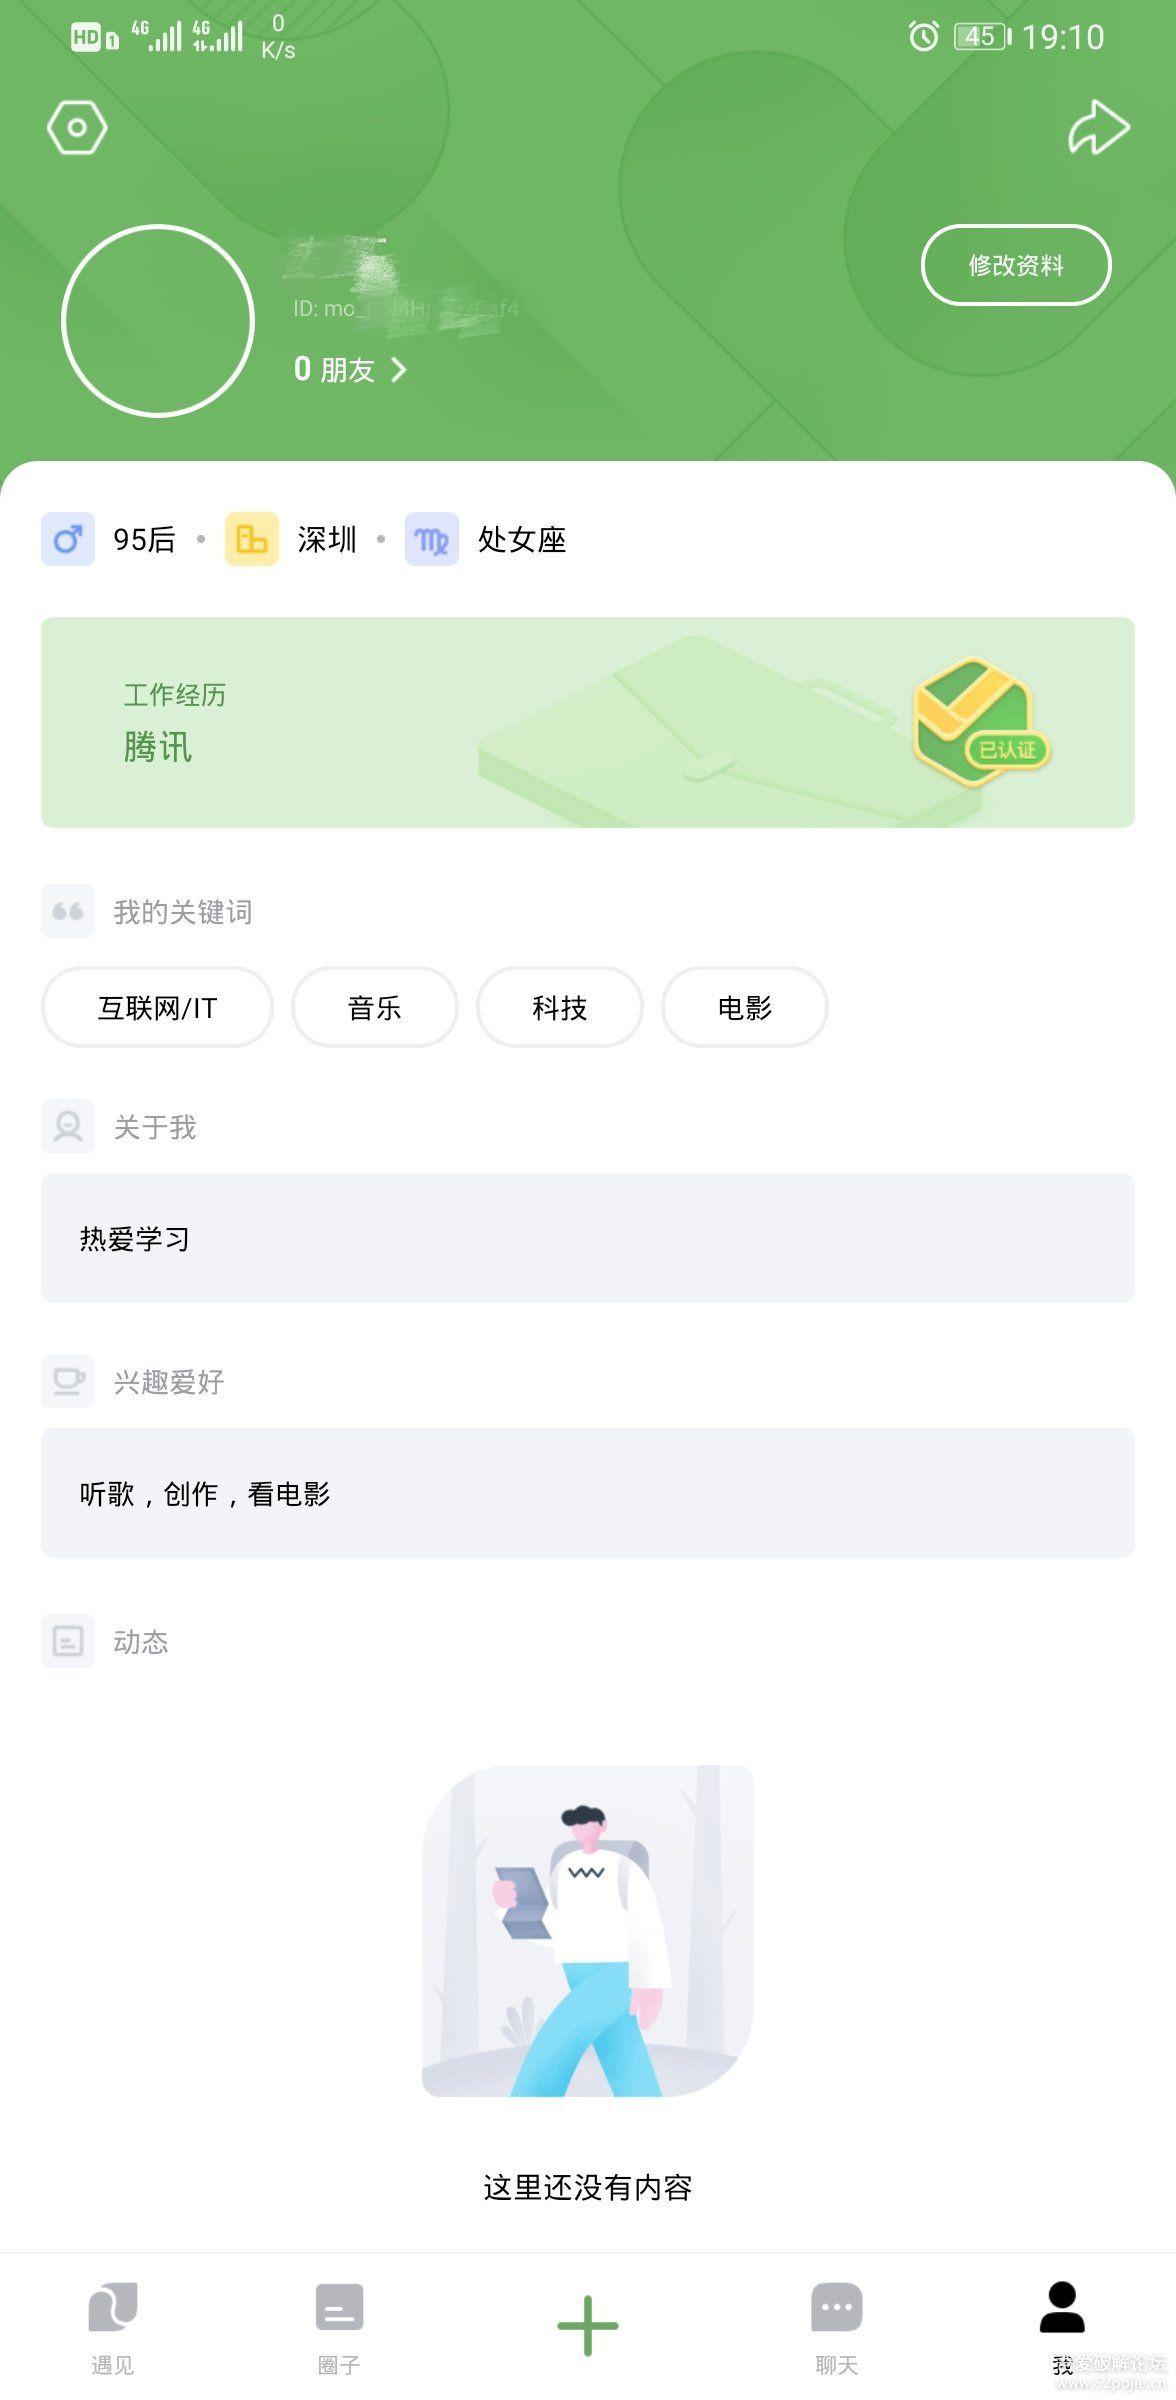 腾讯朋友网复活 腾讯新社交 APP 朋友体验(附下载链接及邀请码)